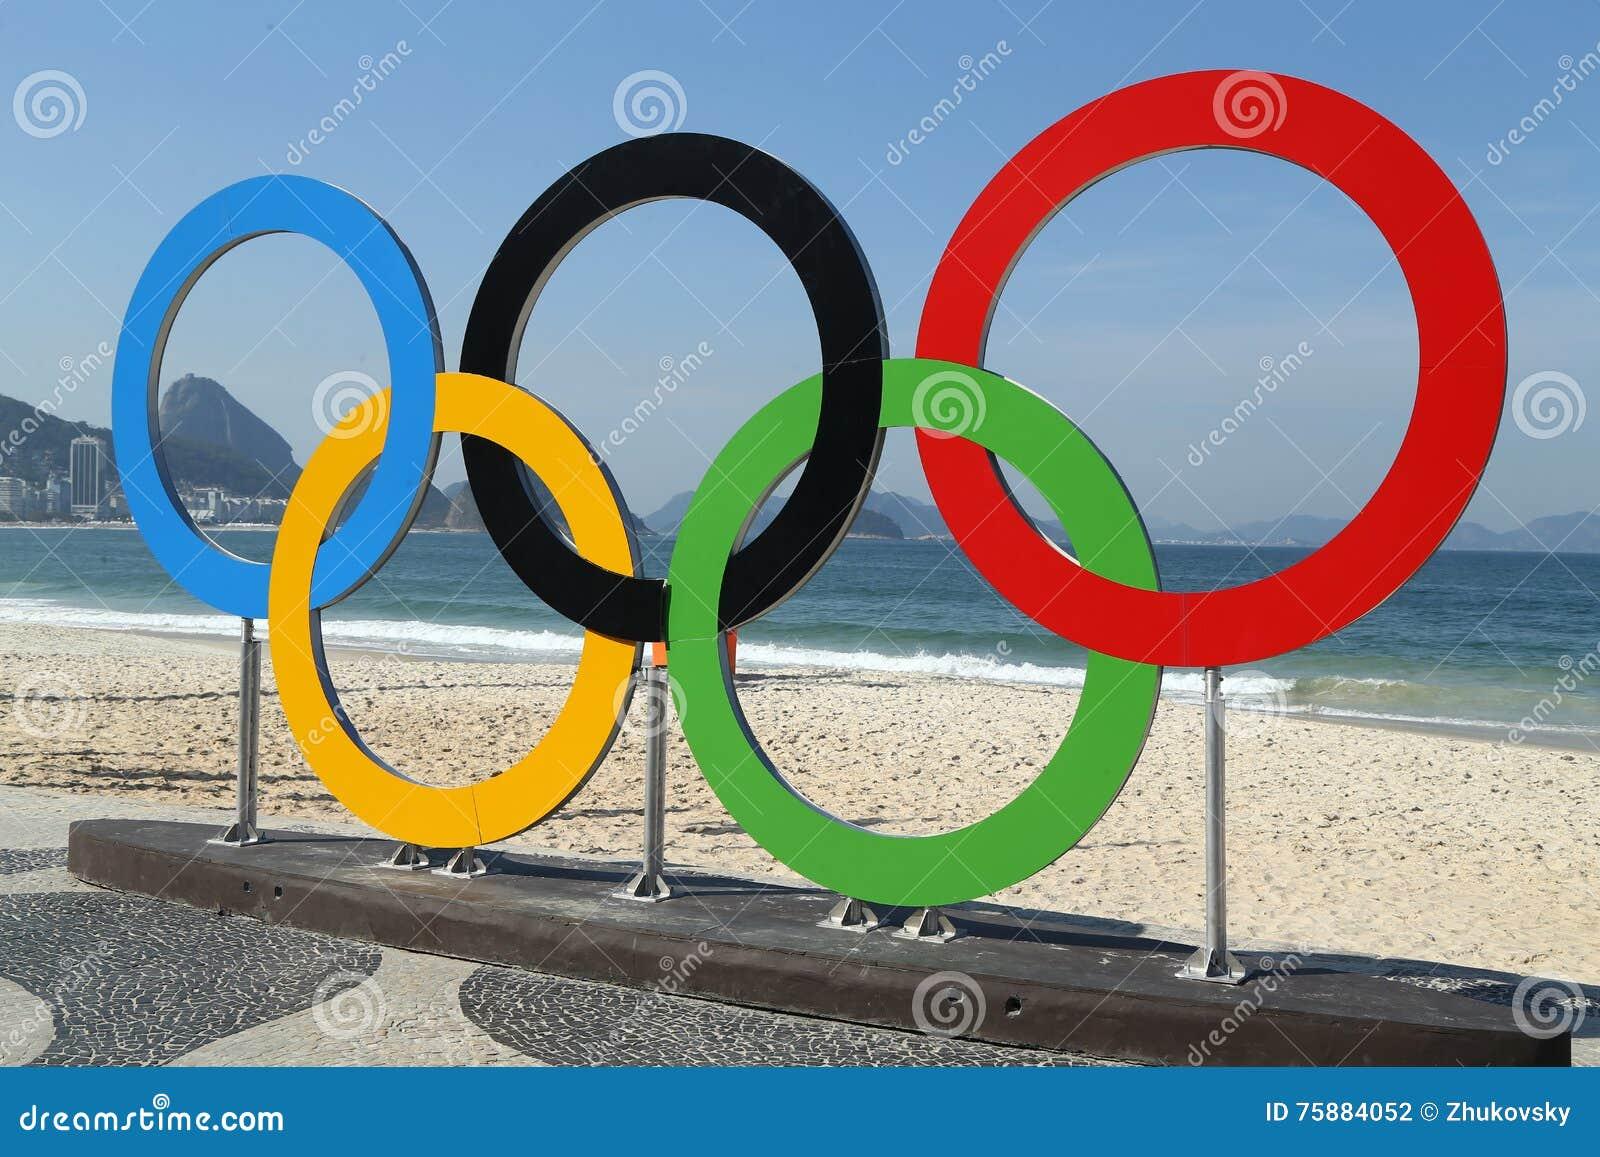 olympic-rings-copacabana-beach-rio-de-ja